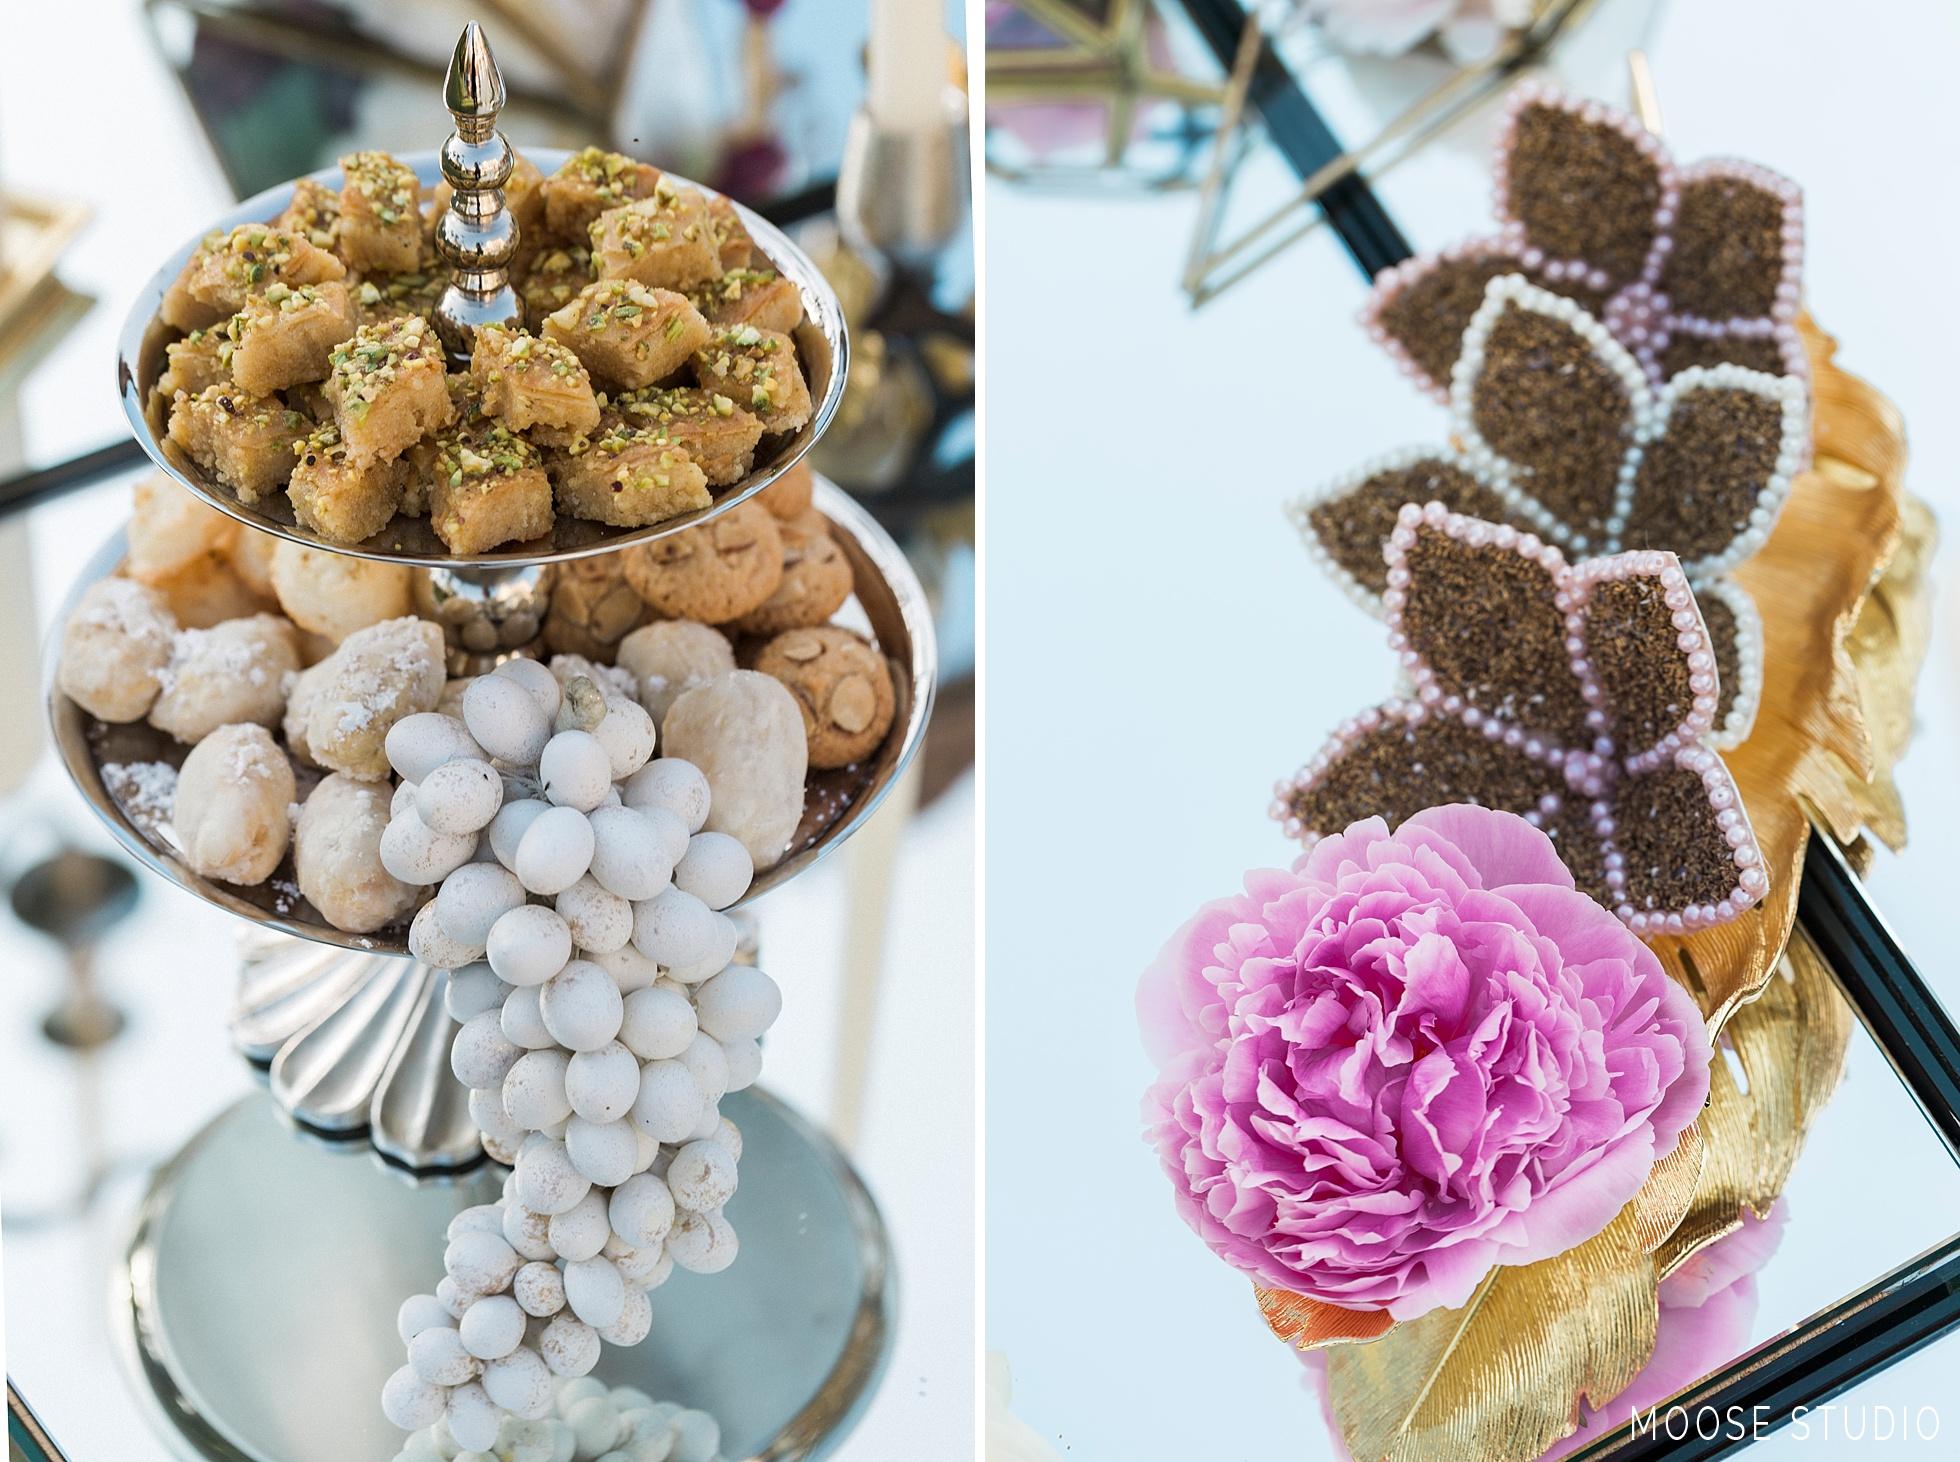 تزئین اسپند (اسفند) سفره عقد به همراه شیرینی با گل طبیعی